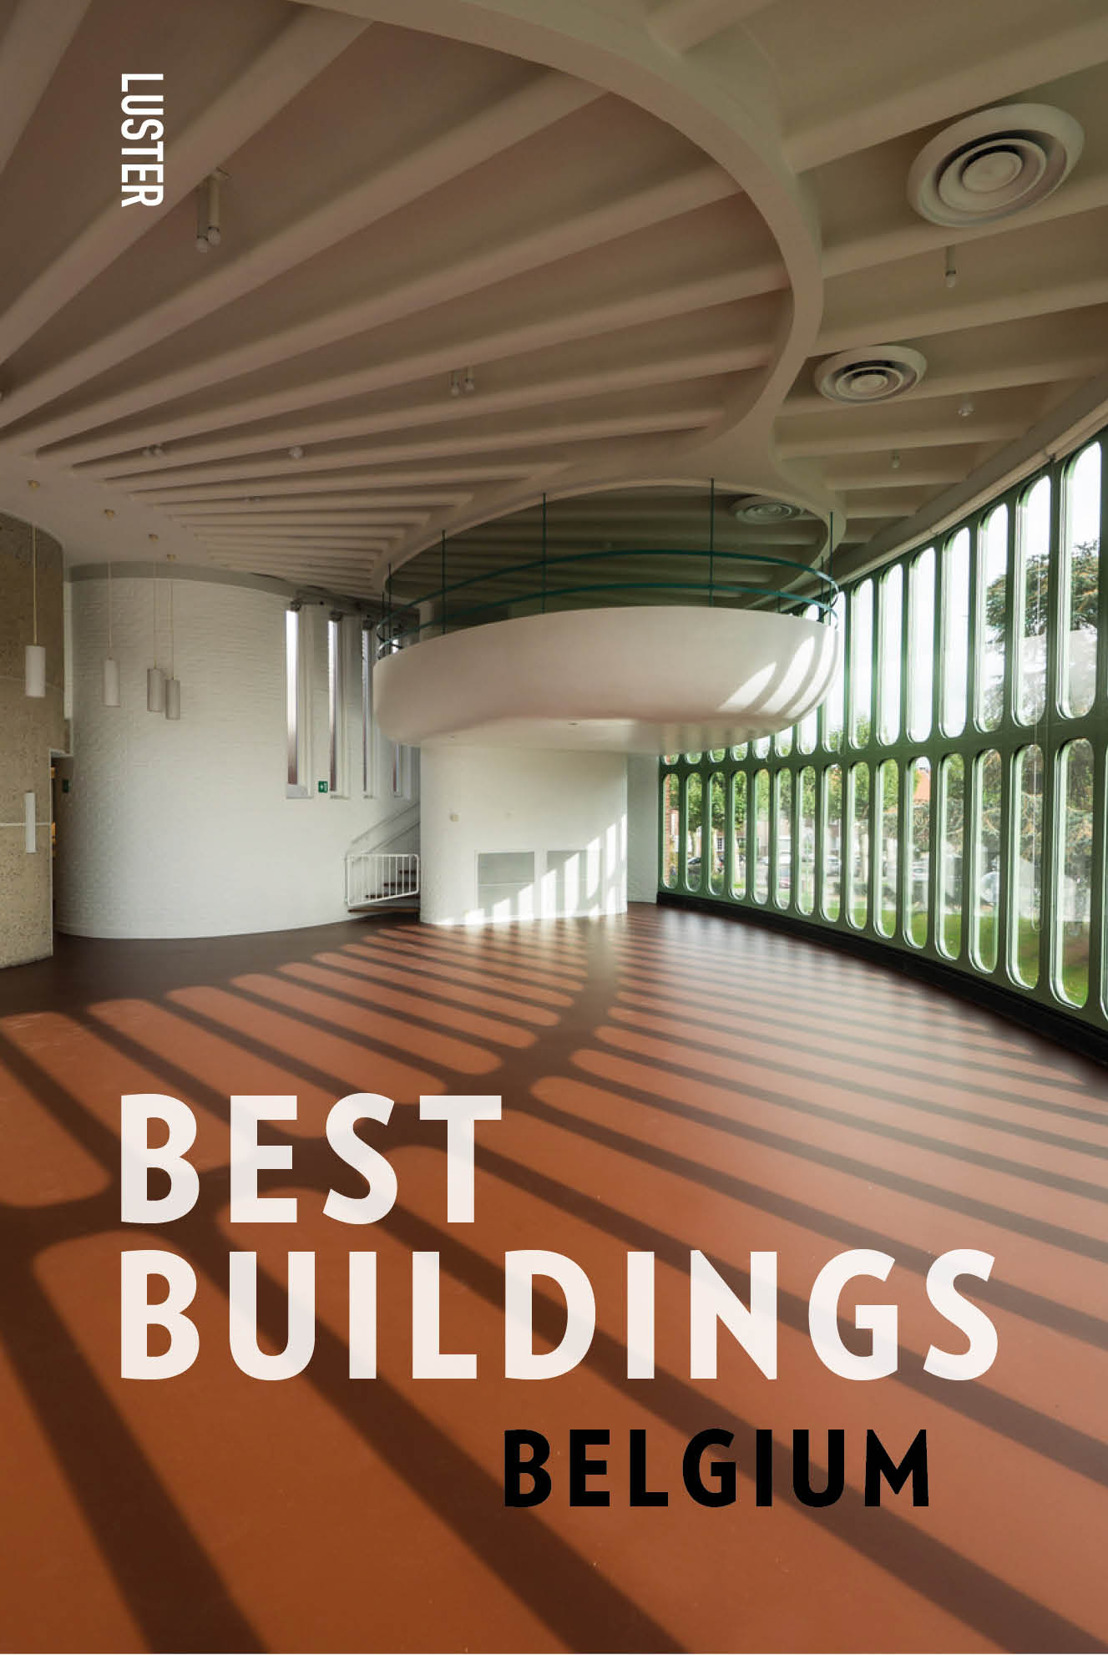 Publishing house Luster unveils Belgium's Best Buildings